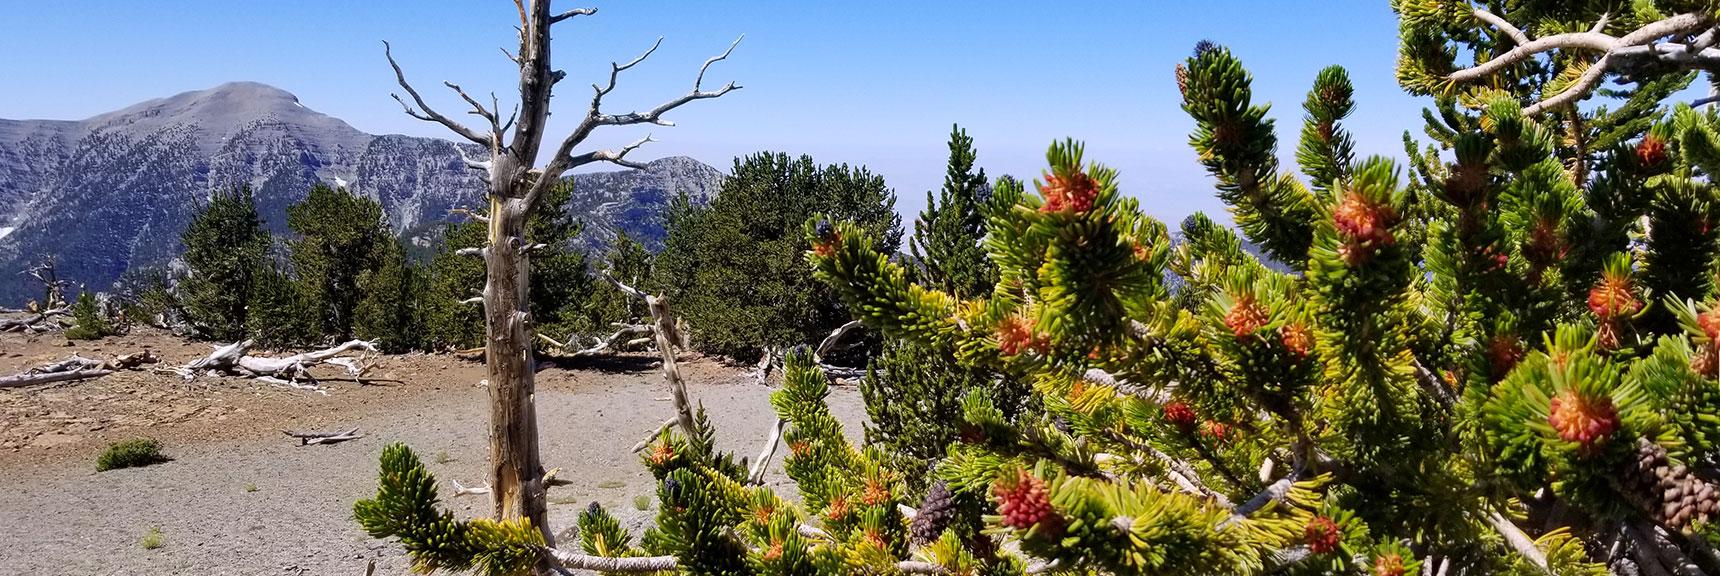 Mt Charleston Viewed Through Bristlecone Pine on Mummy Mt Summit in Mt Charleston Wilderness, Nevada